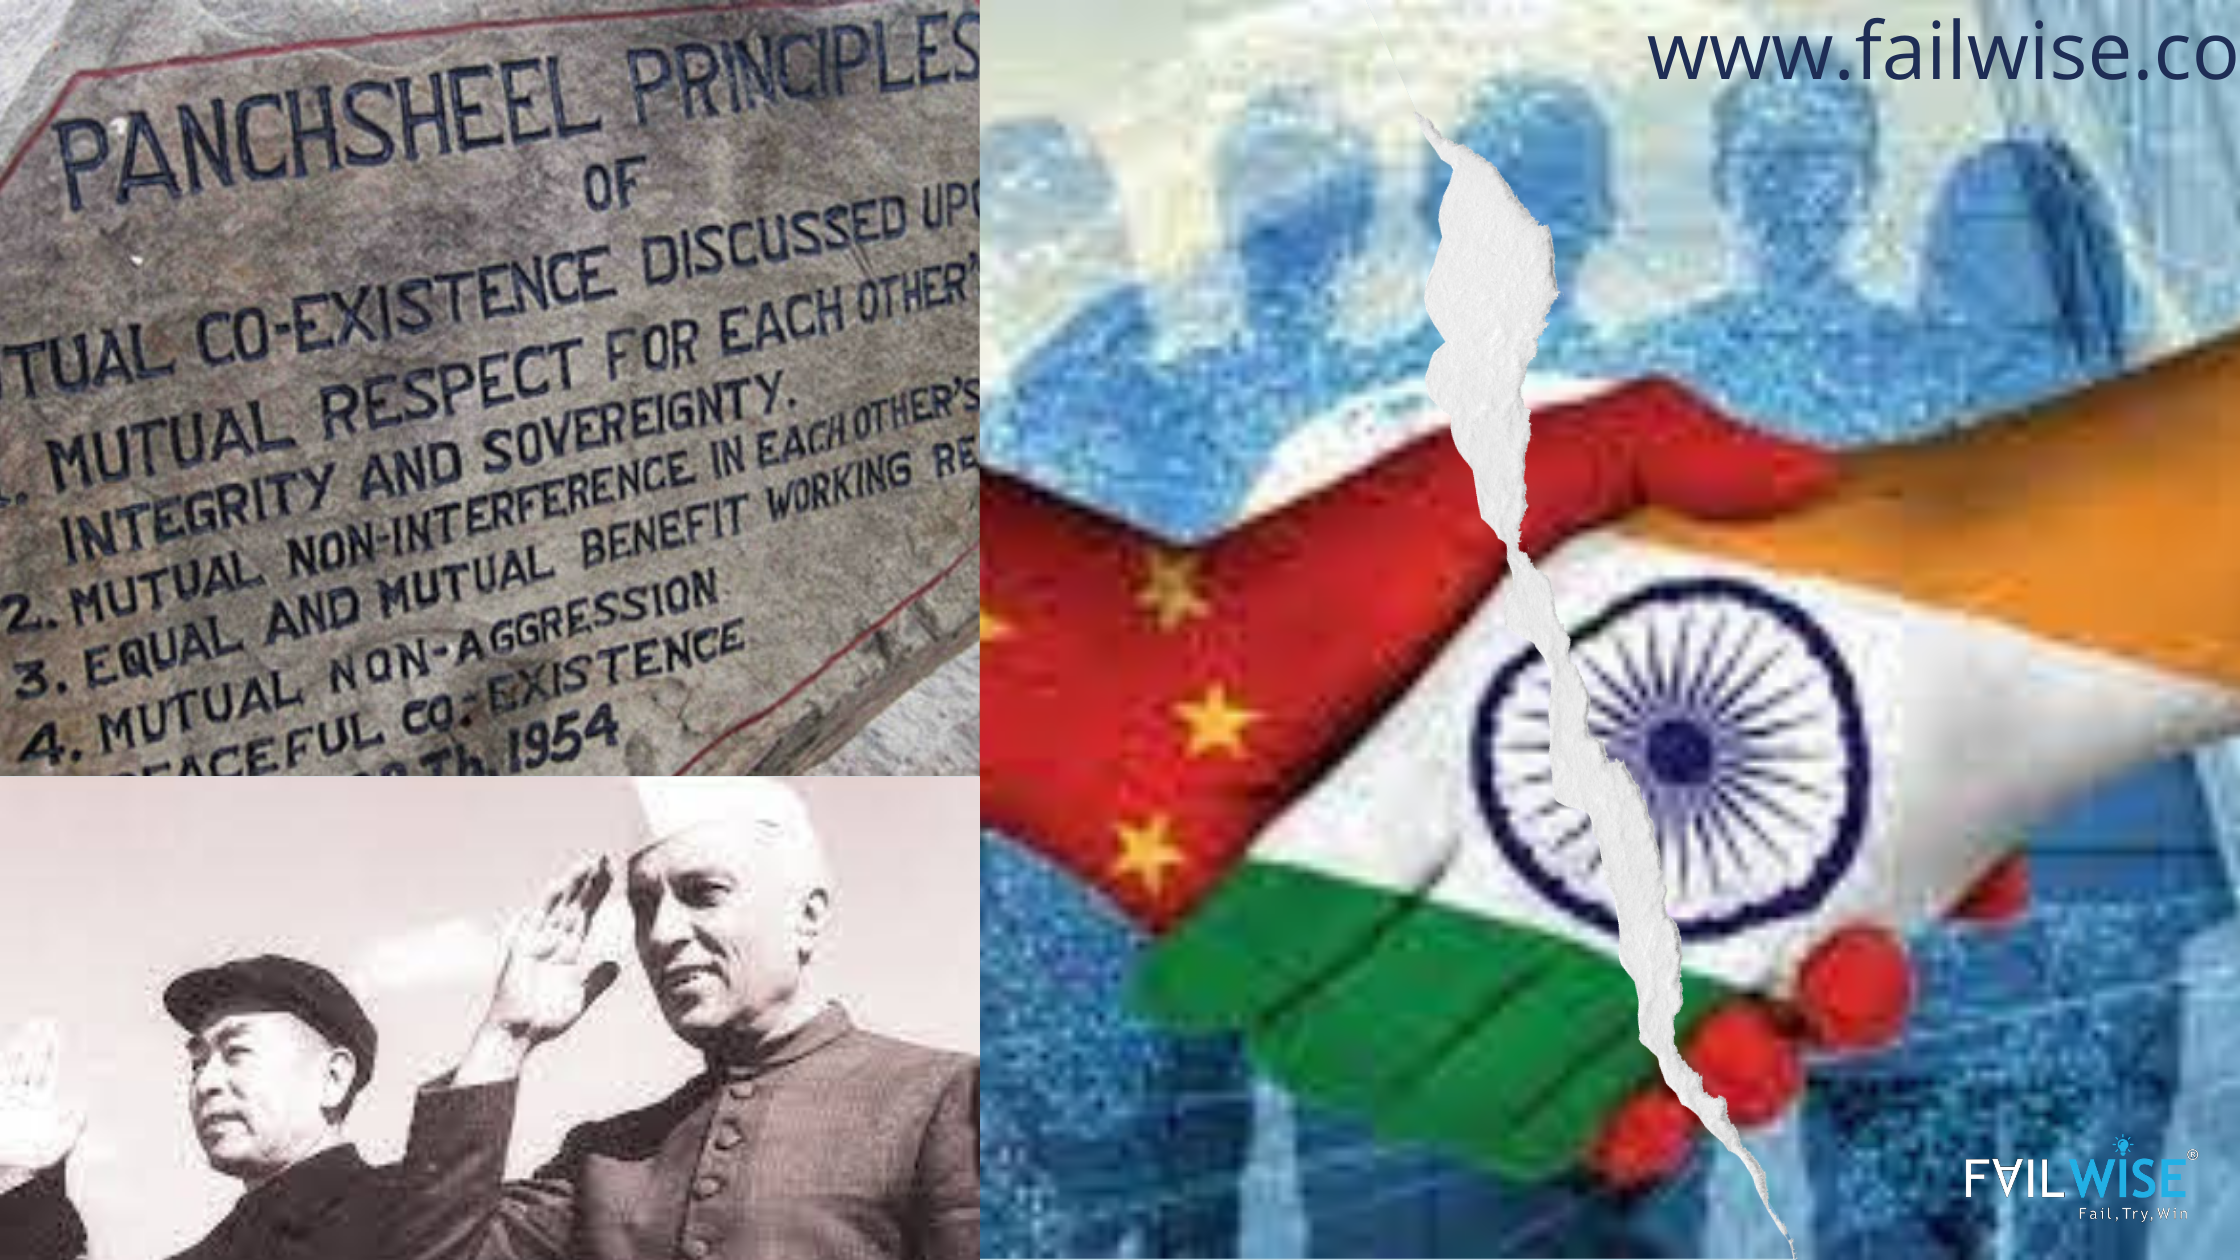 जानिए पंचशील सिद्धांत: वैश्विक शांति के आधारस्तम्भ एवं चीन के द्वारा उसकी अवमानना